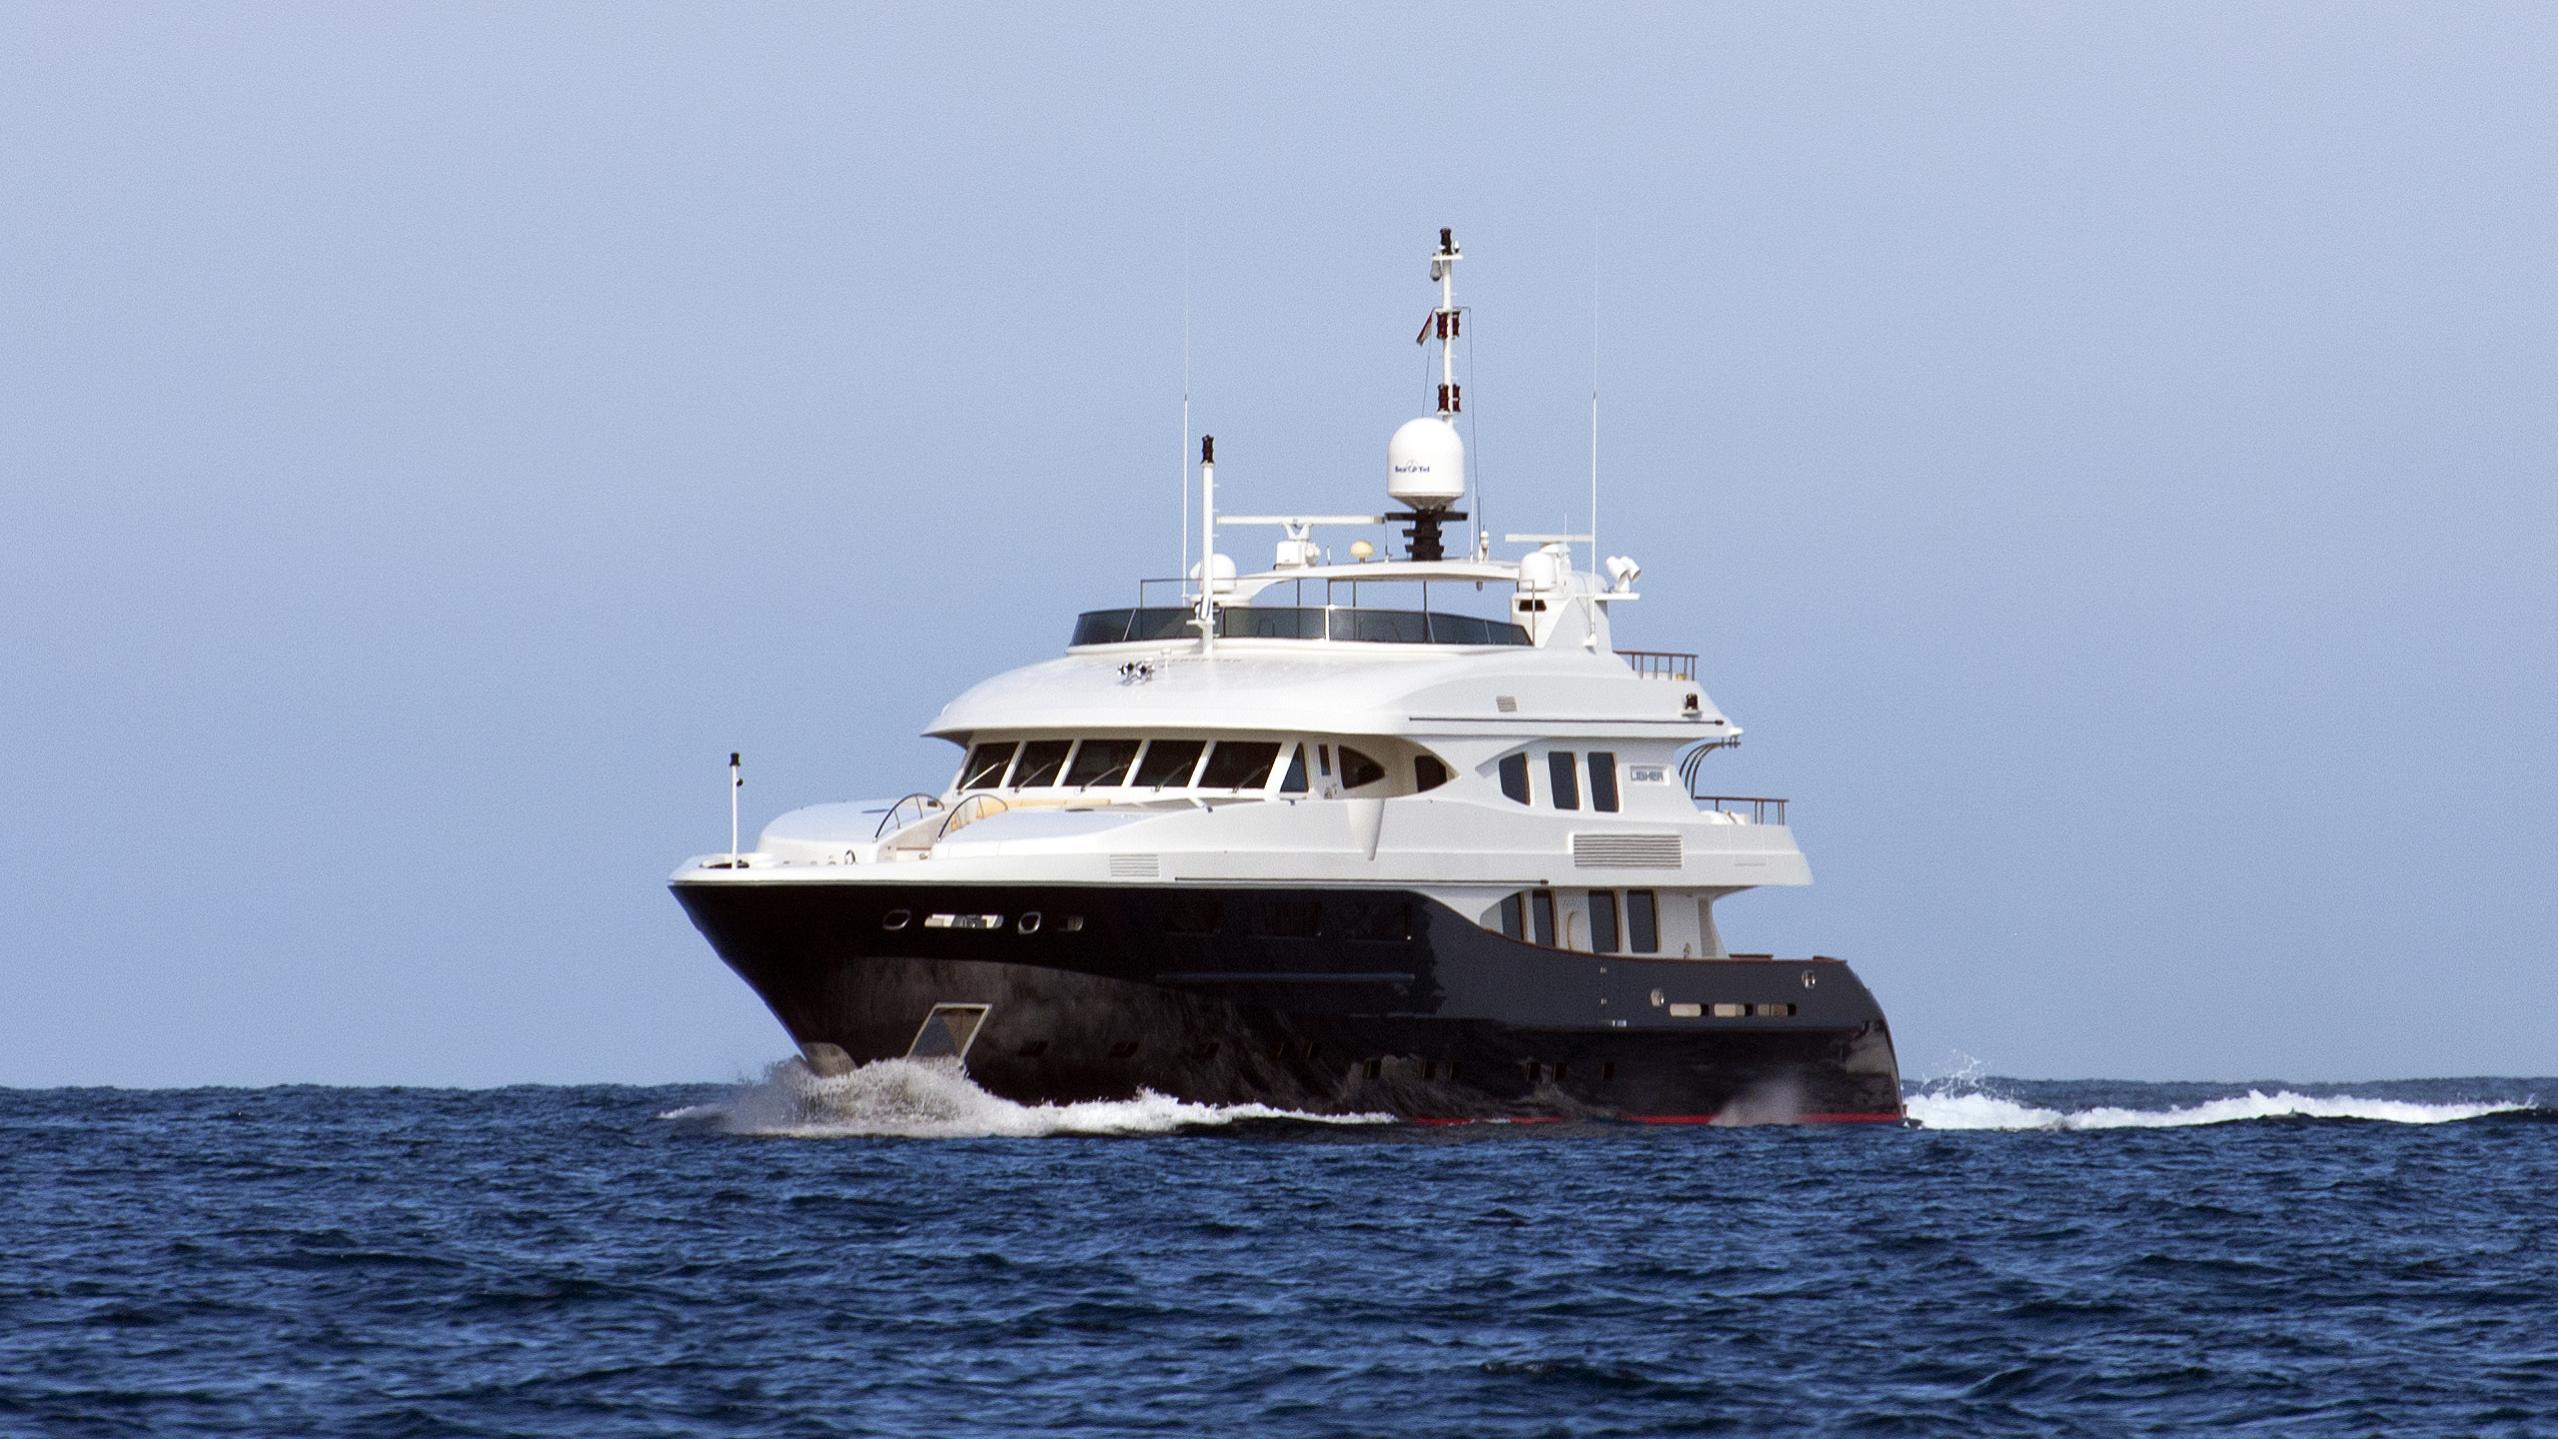 lighea-motor-yacht-maiora-43tp-2005-43m-bow